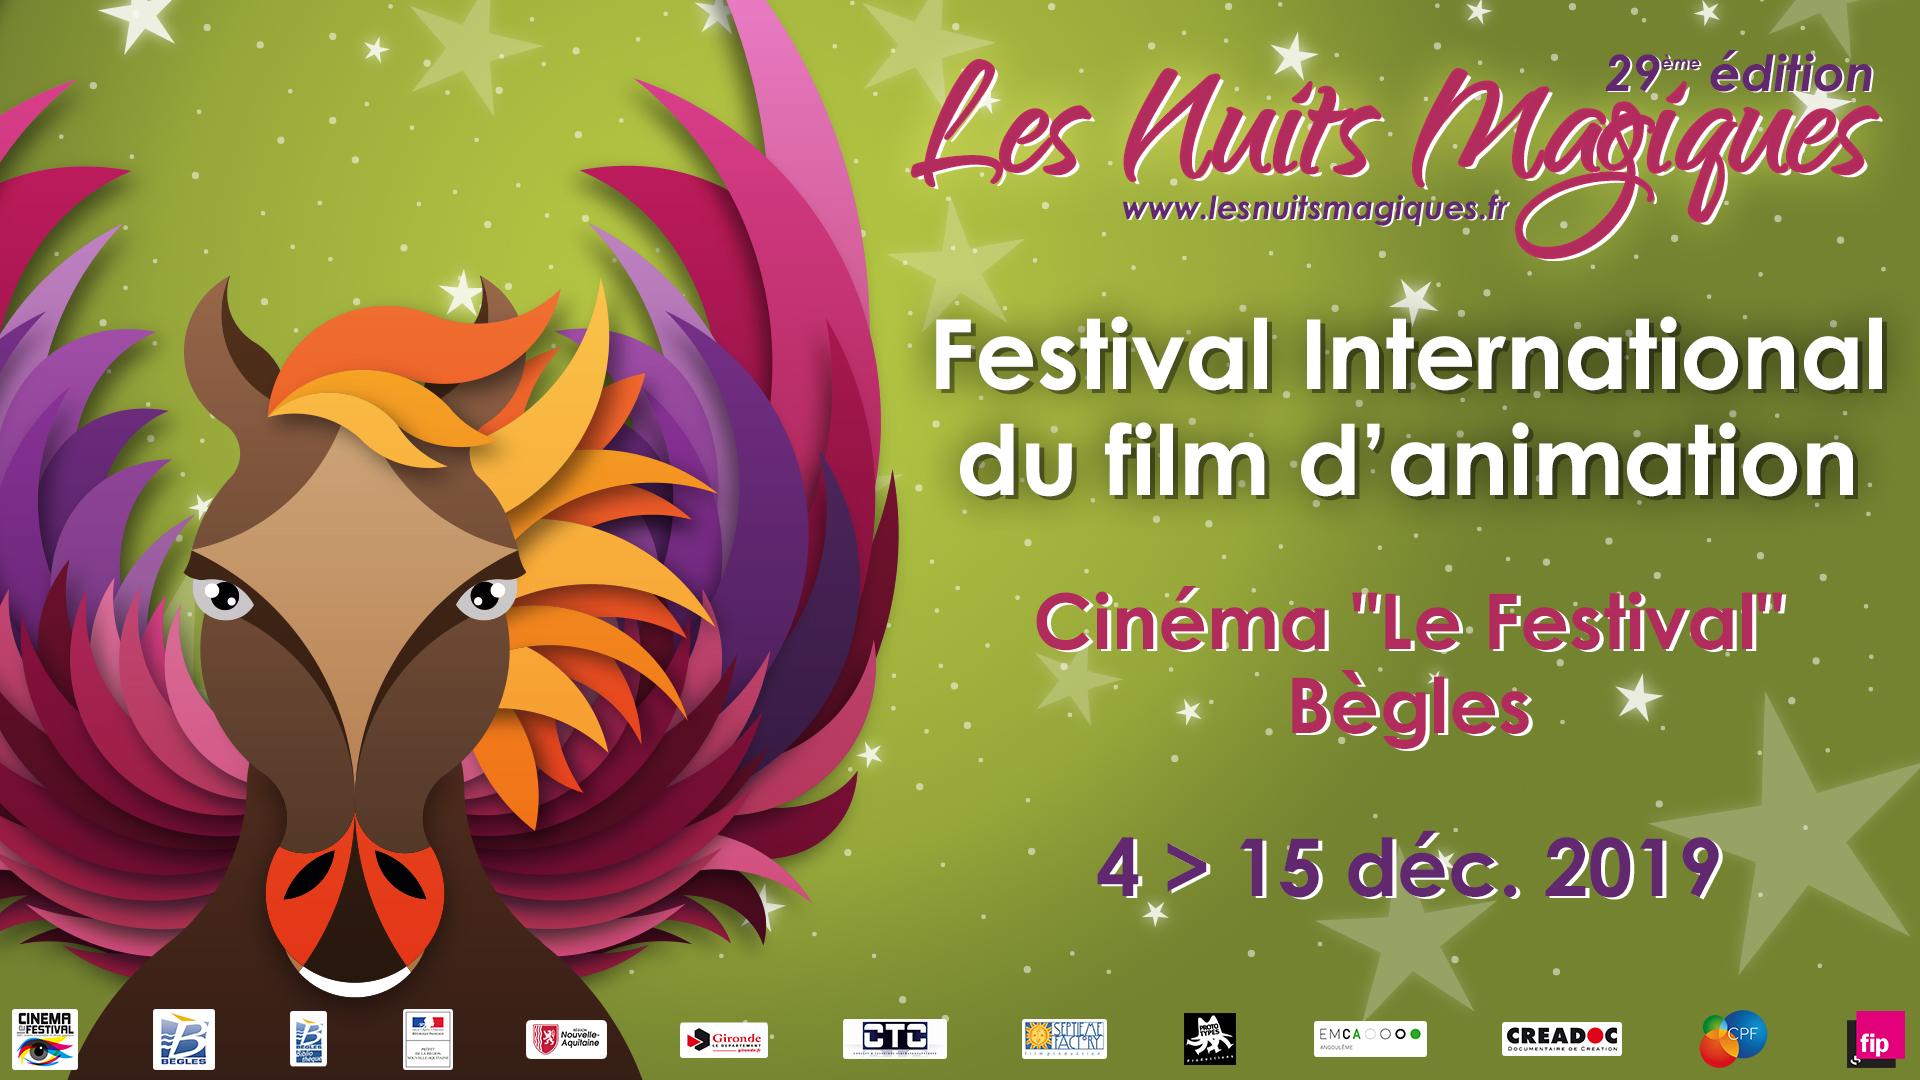 Les Nuits Magiques – Festival international du film d'animation